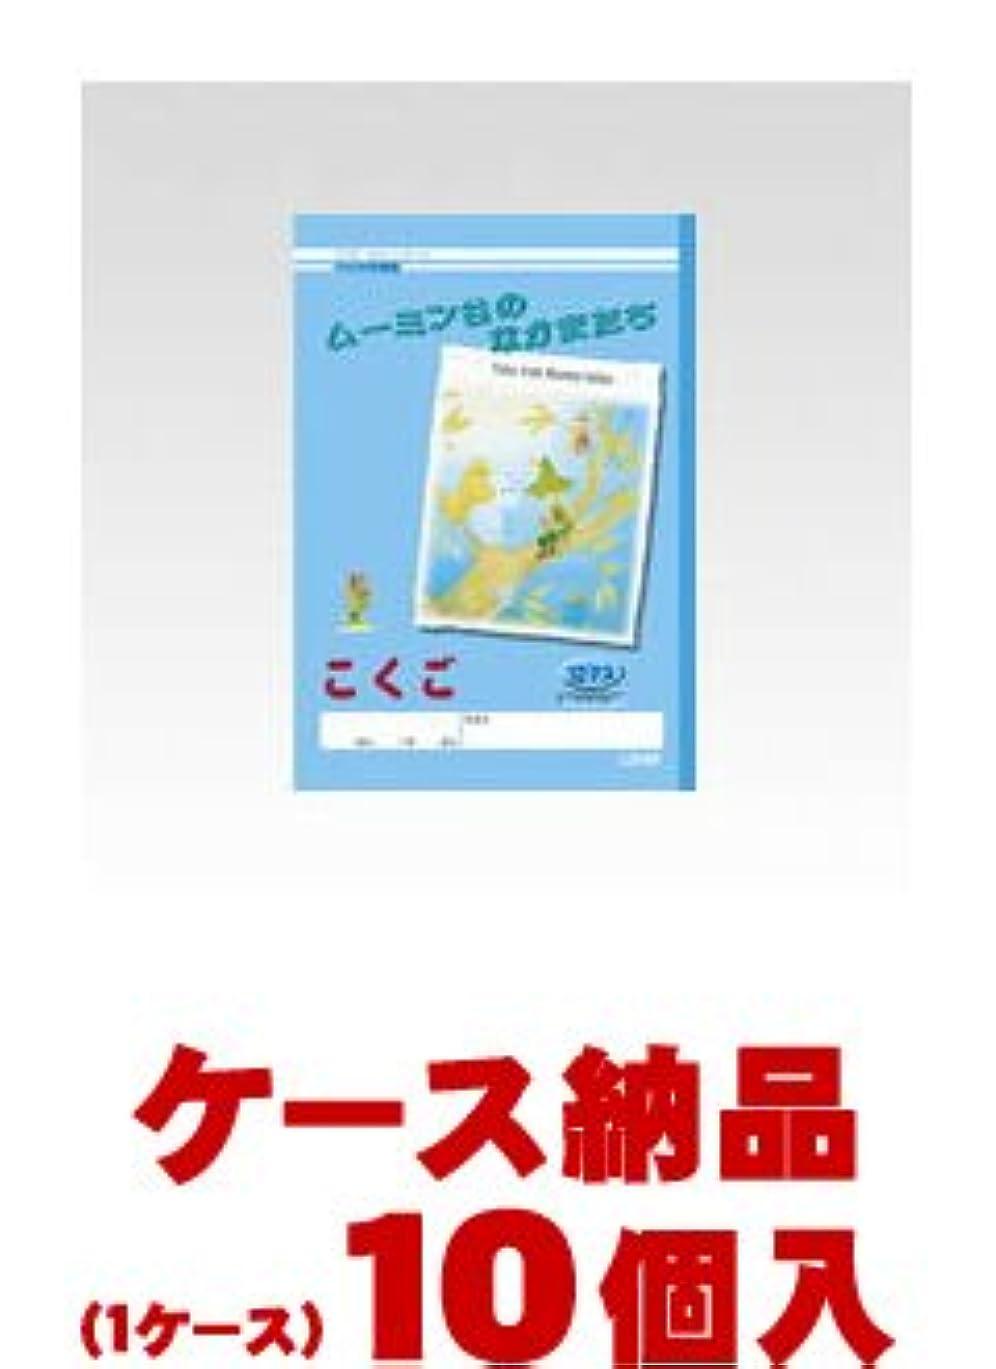 スリップ吸収梨【1ケース納品】 アピカ(株) B5学習帳 こくご L312 ×10個入